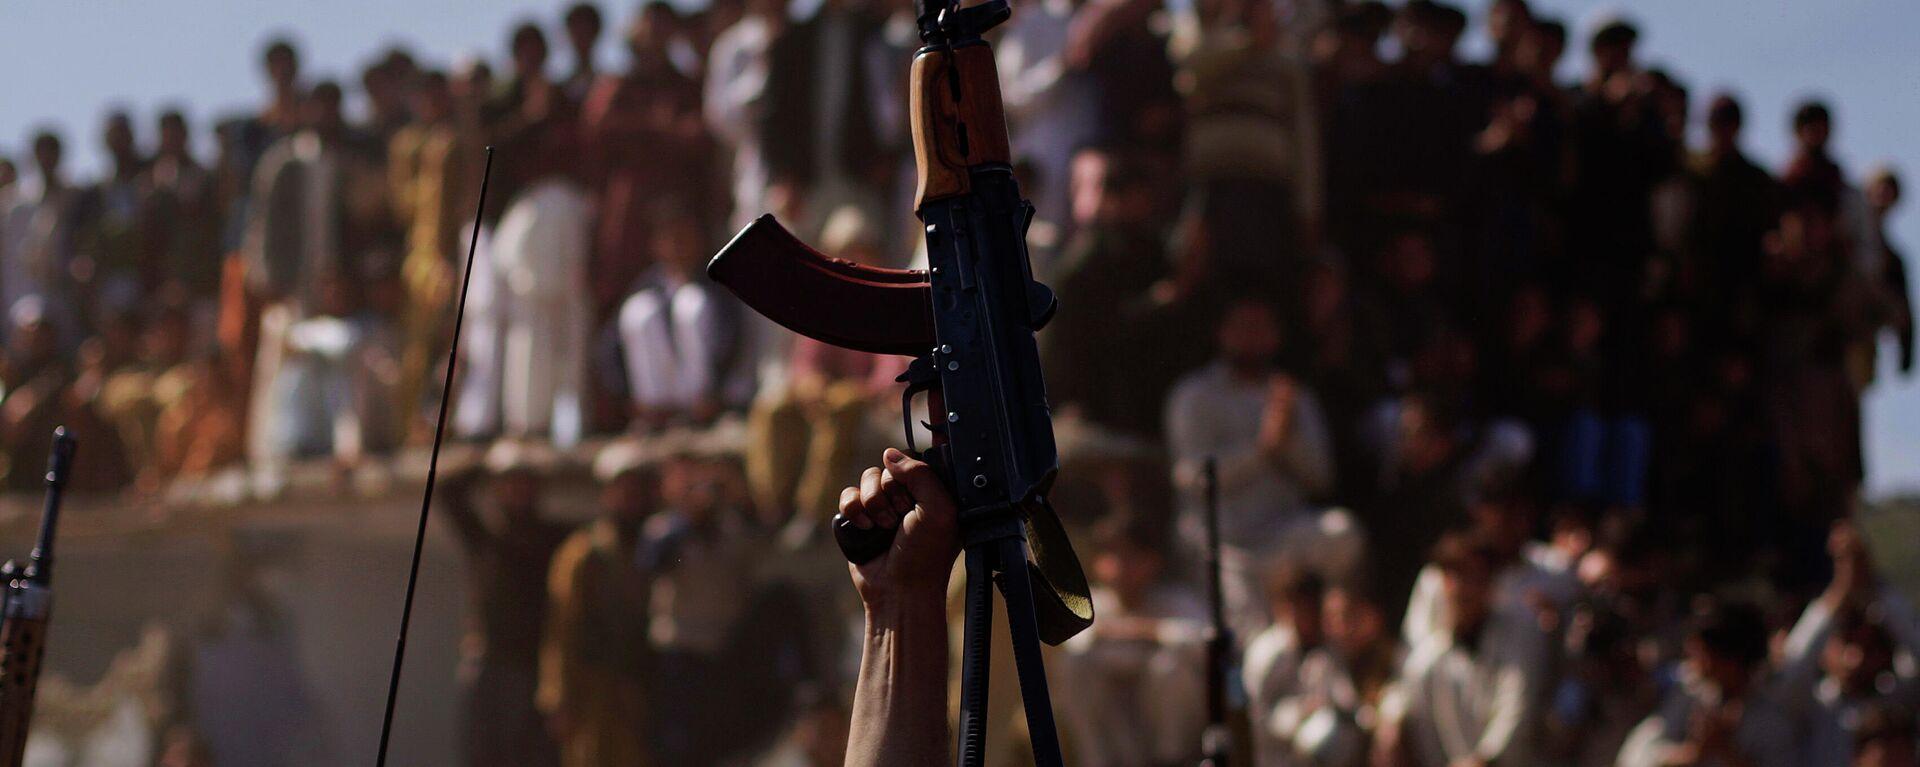 Вооруженные люди в Афганистане - Sputnik Узбекистан, 1920, 16.07.2021